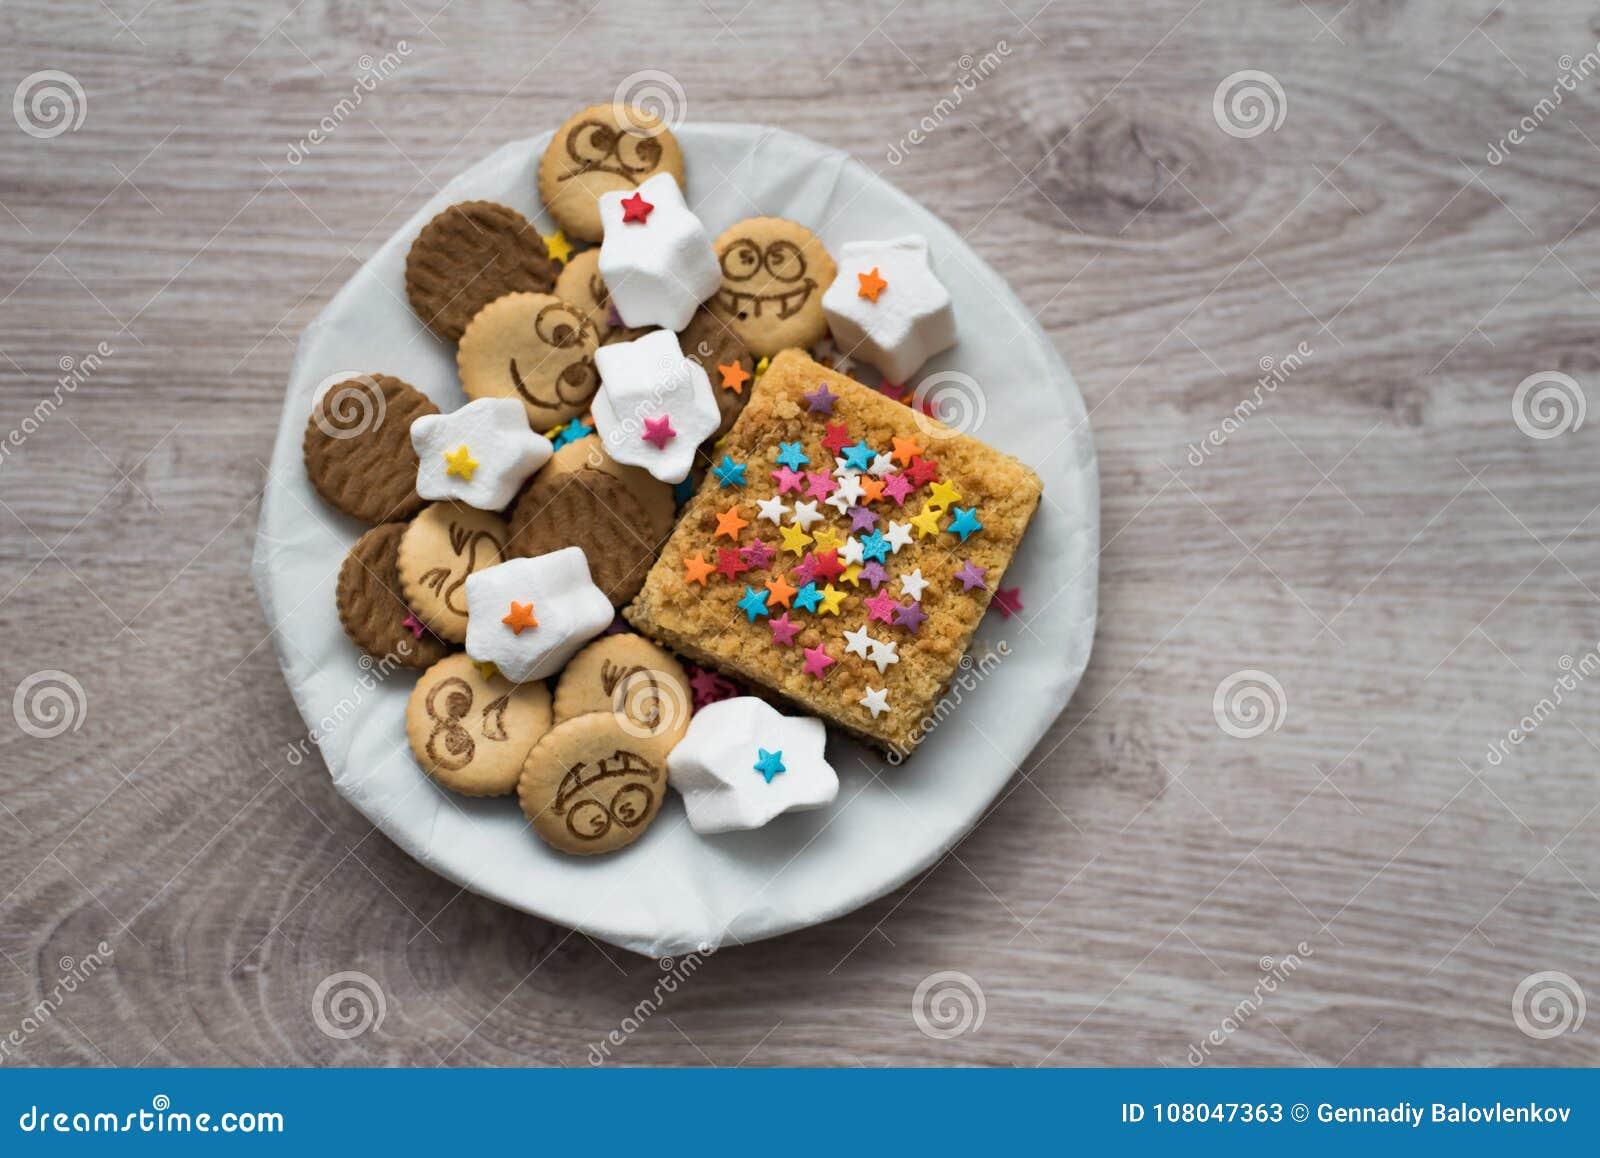 Разнообразие сладостных праздничных печений на деревянной предпосылке